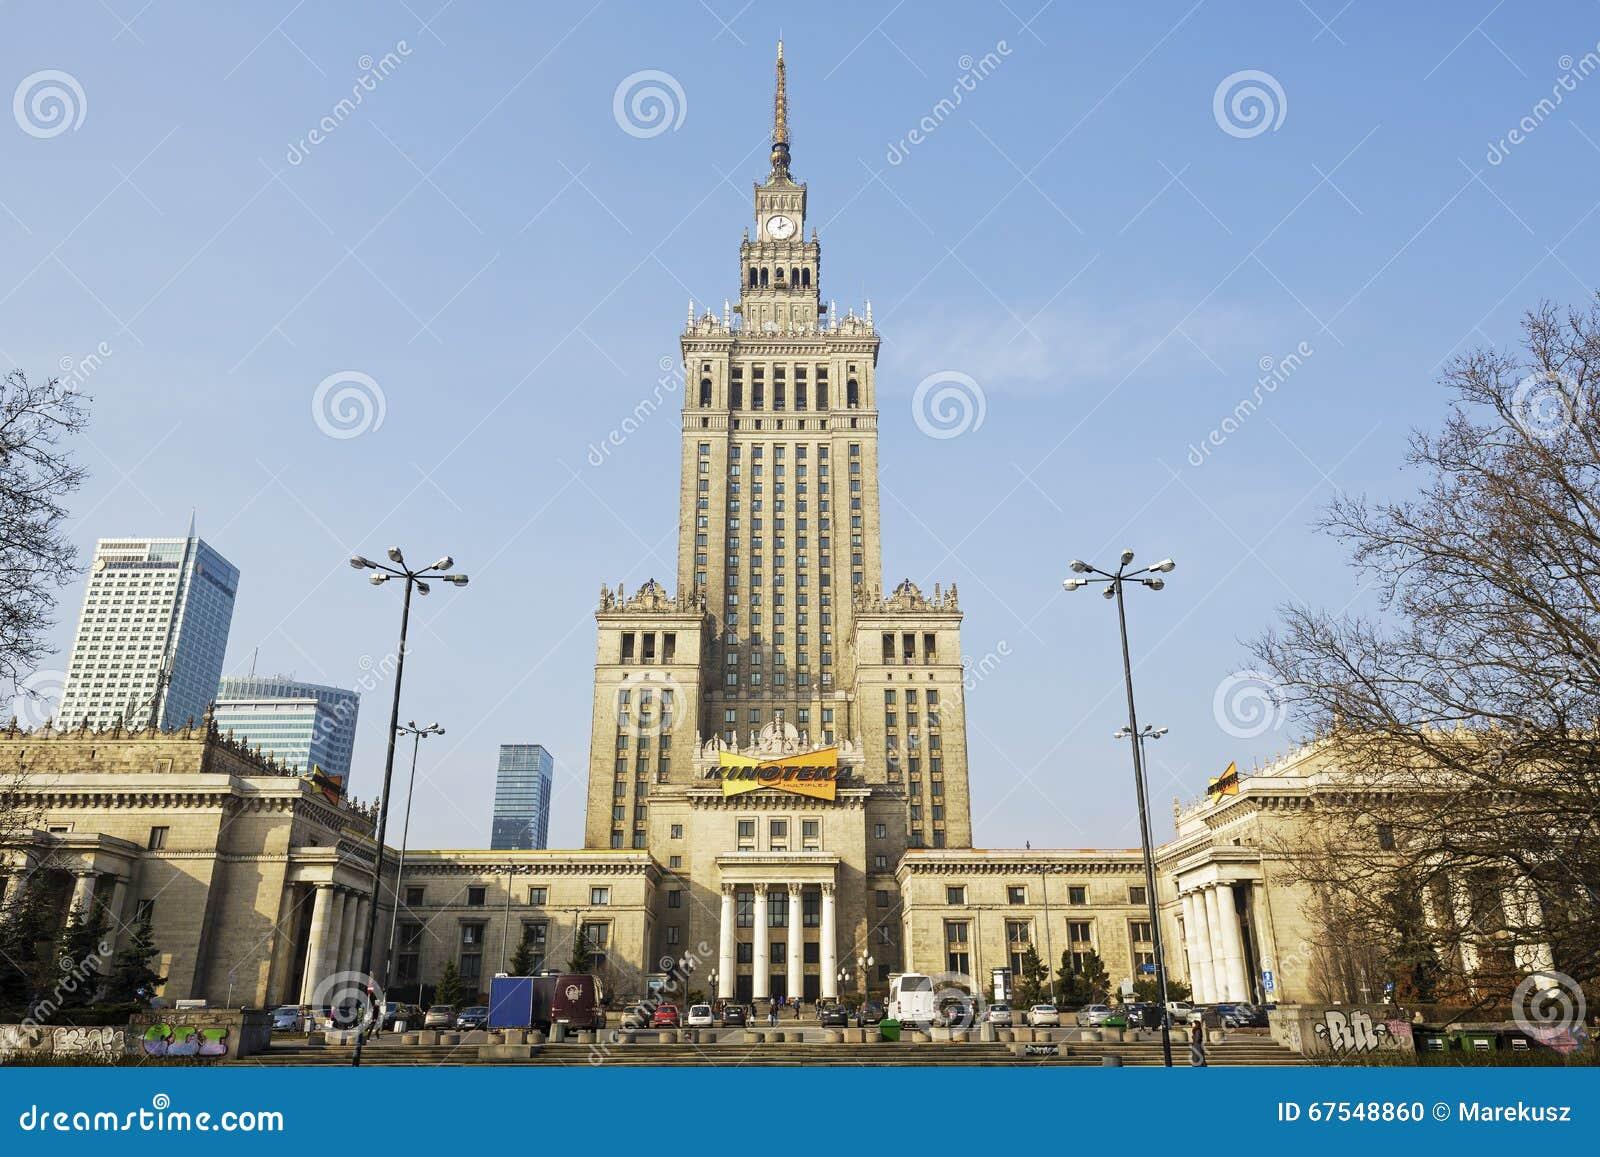 Dvorec Kultury I Nauki V Varshave V Polshe Redakcionnoe Izobrazhenie